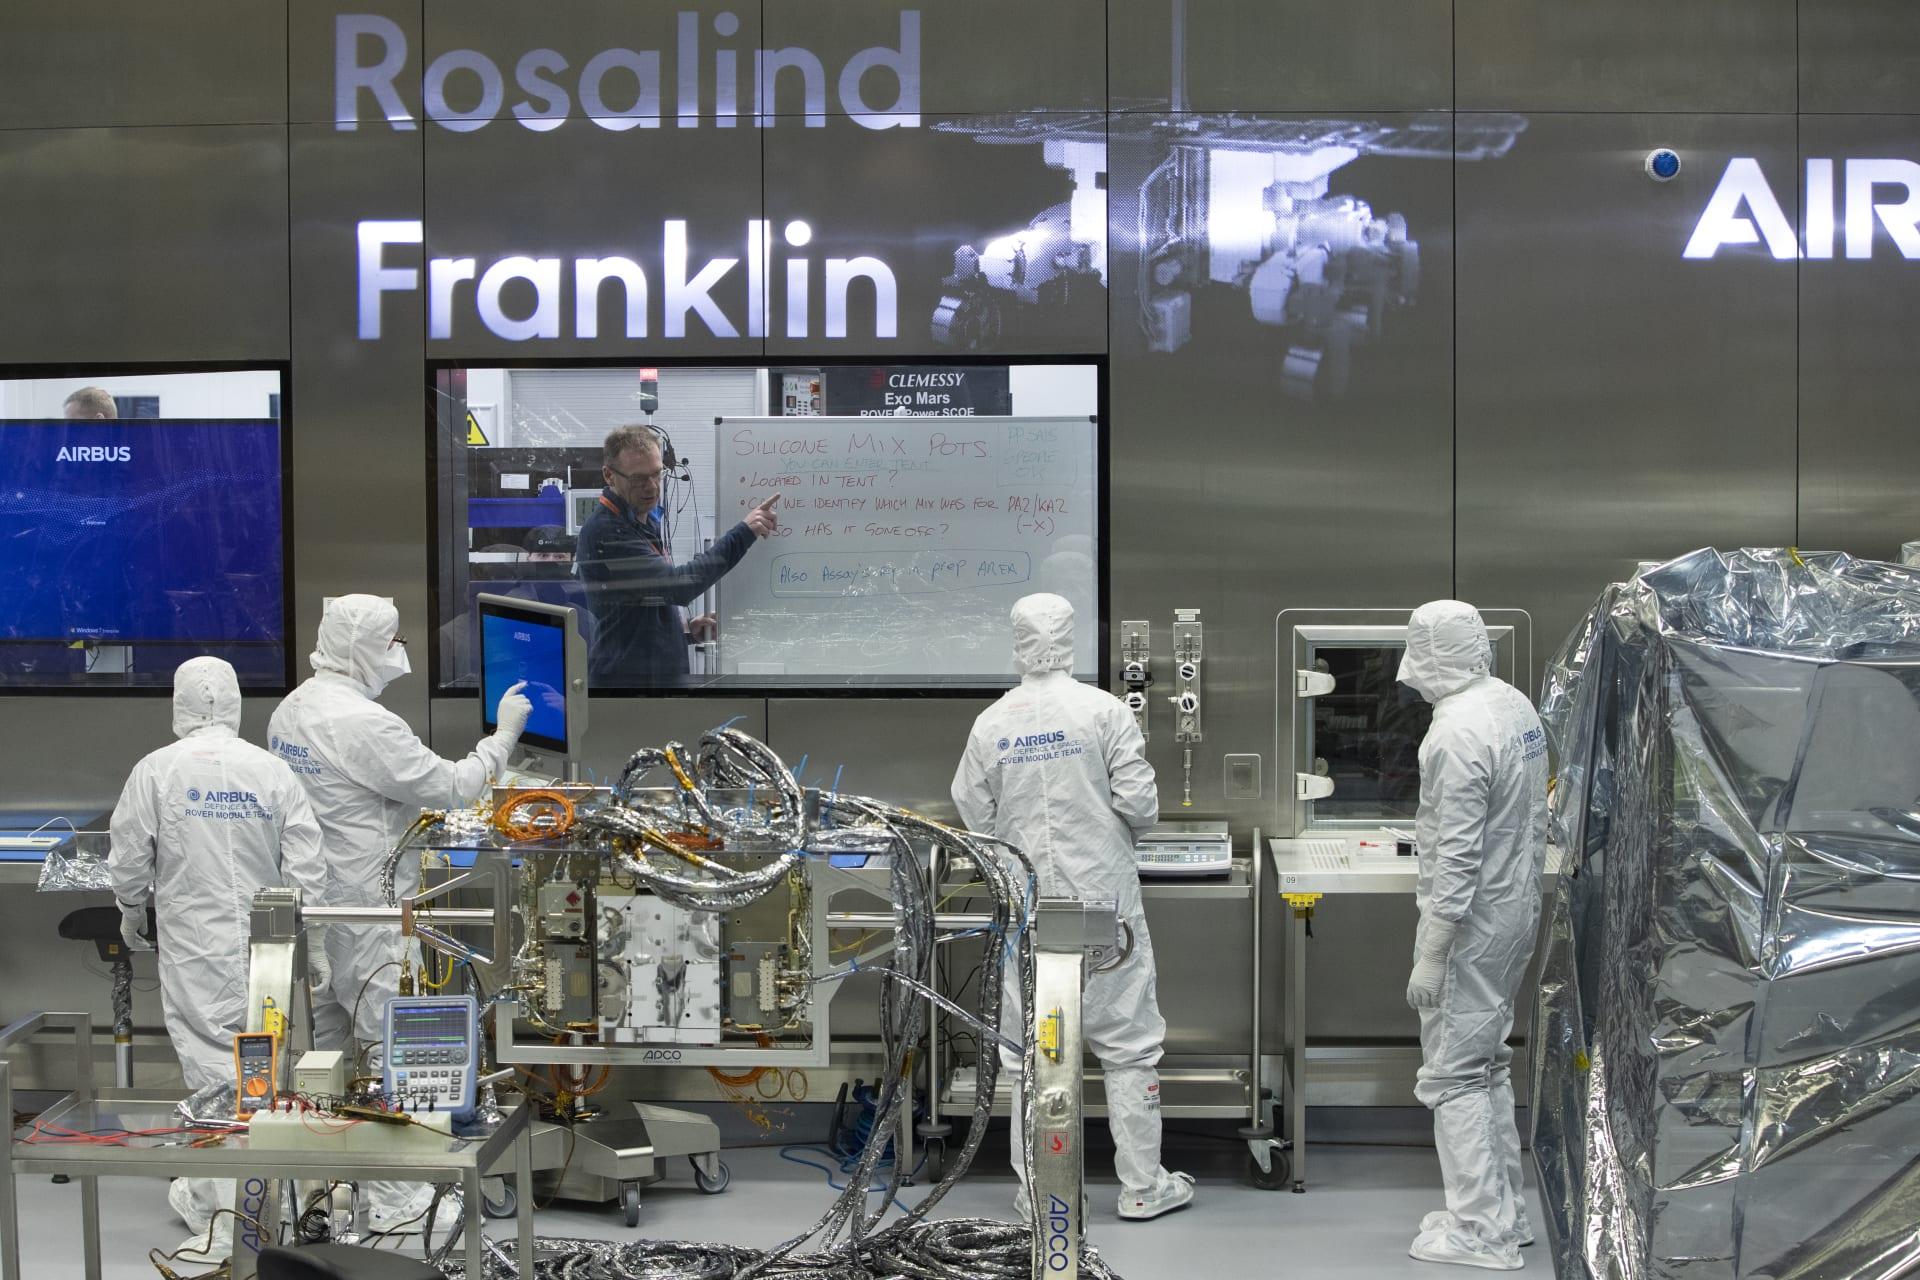 تأجيل مهمة فضاء ExoMars إلى المريخ بسبب تفشي فيروس كورونا